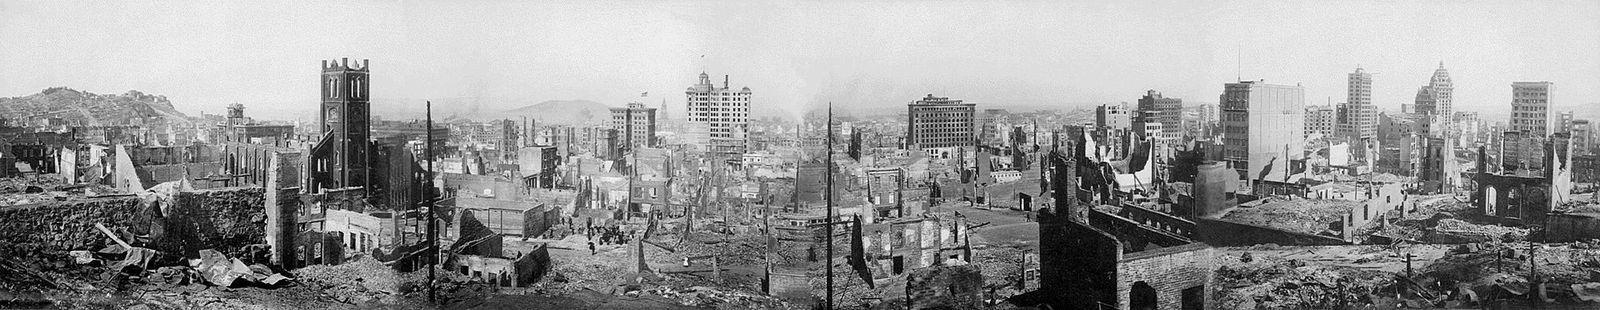 Vue panoramique de la ville de San Francisco après le tremblement de terre de 1906.